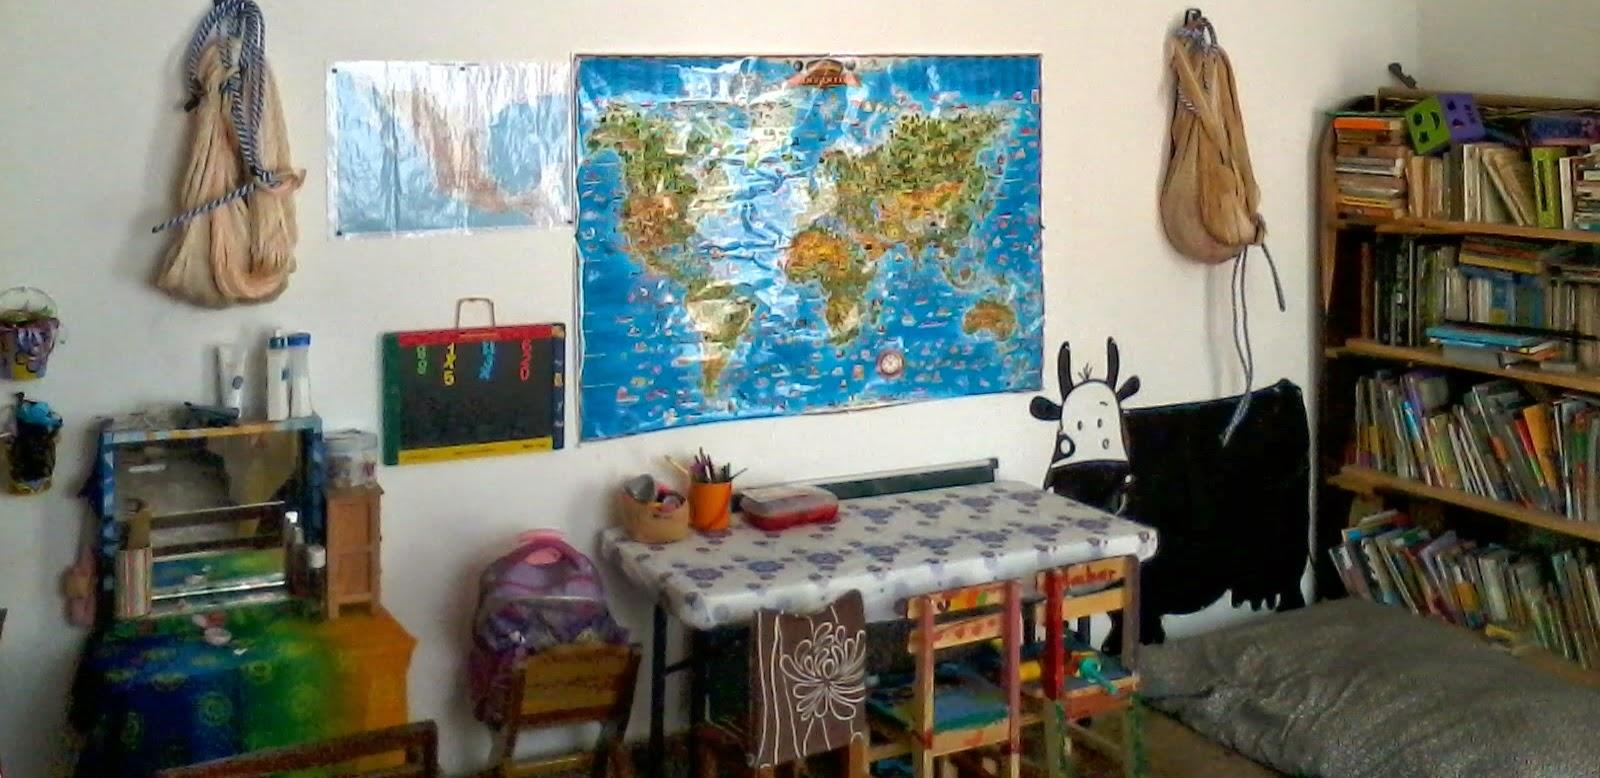 Mi casa soluciones practicas para organizar en casa for Juego de organizar casa